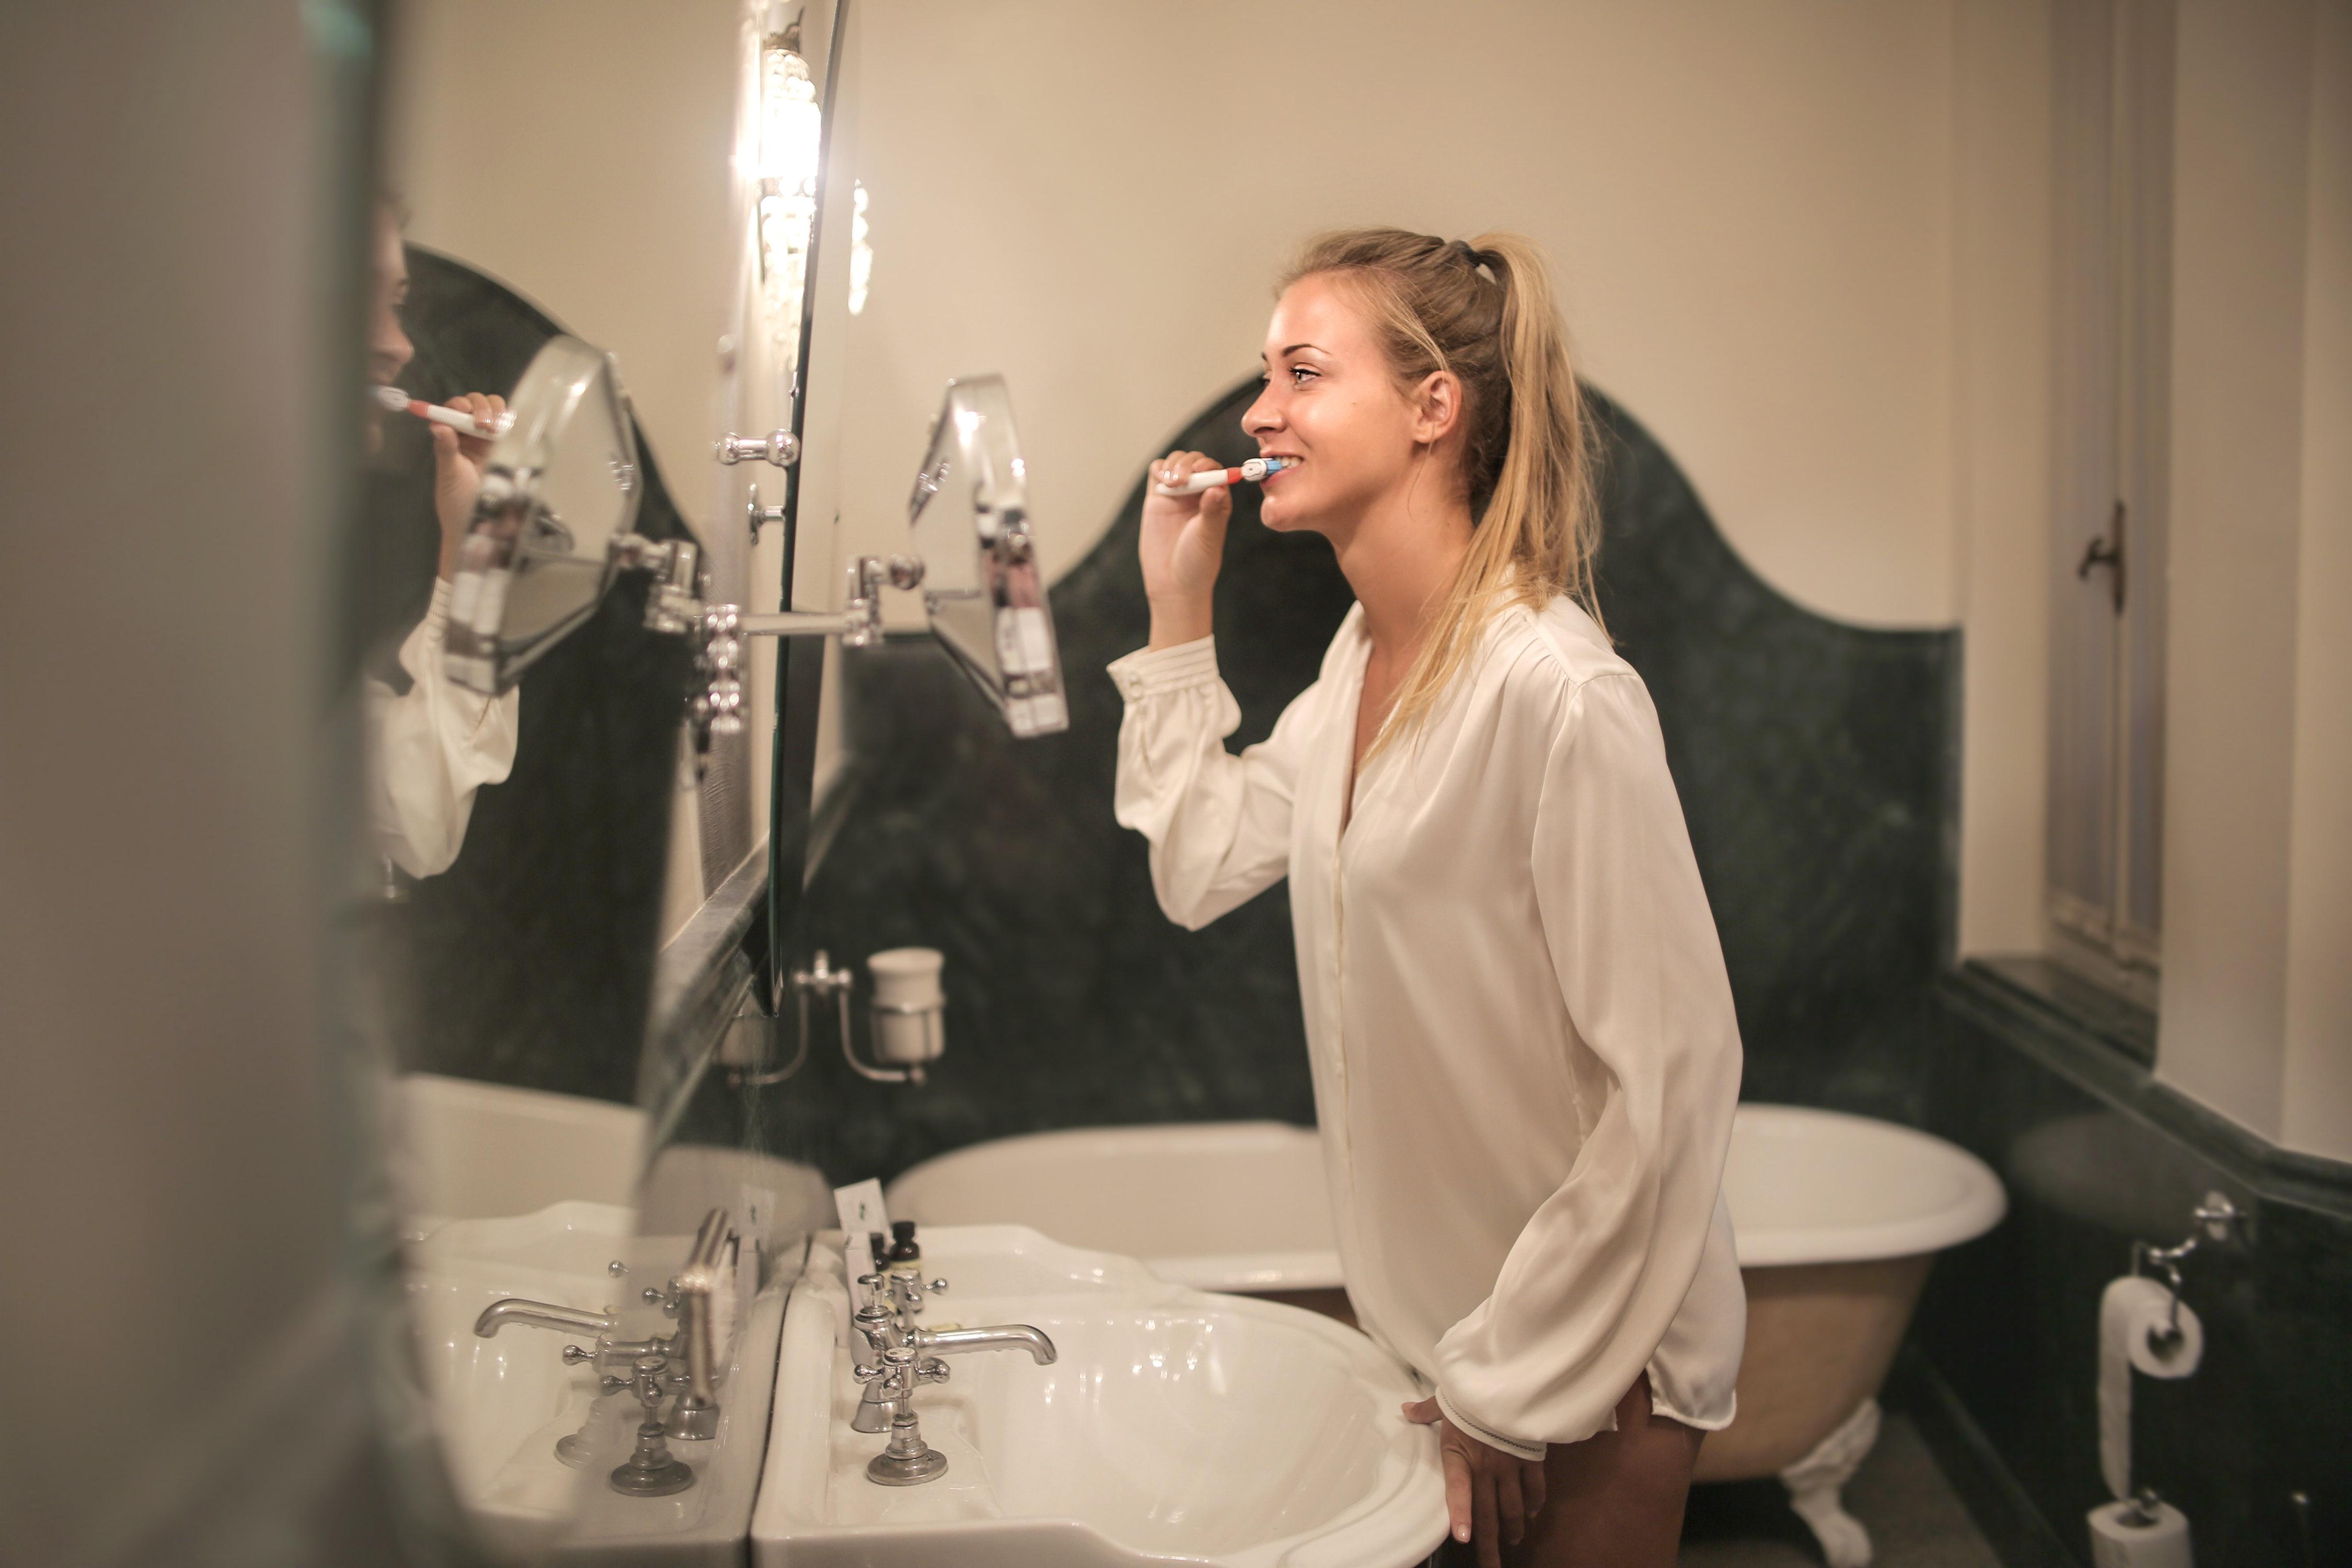 girl brushing her teeth overbrushing